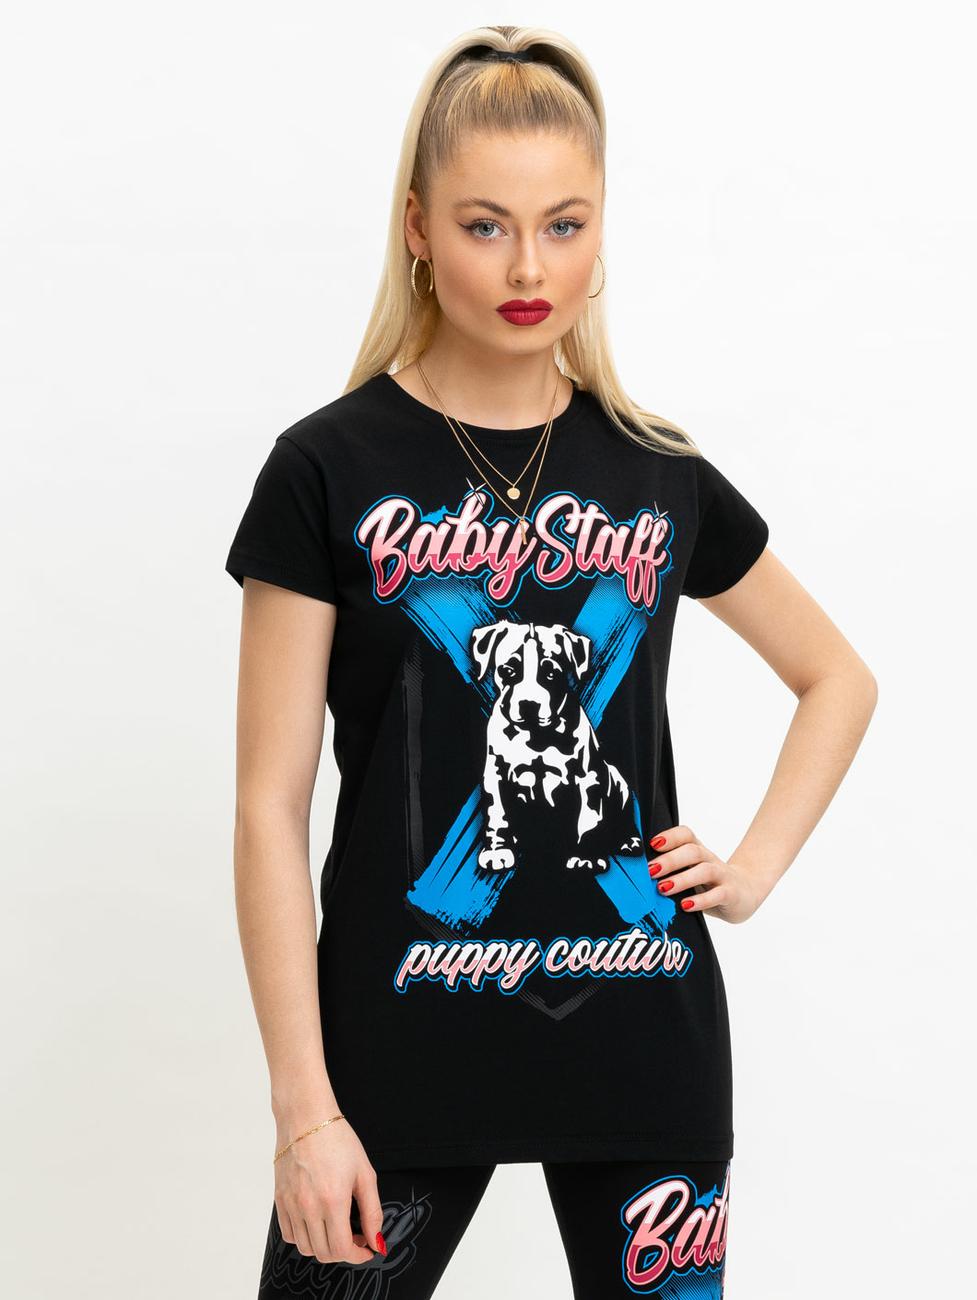 Babystaff Halka T-Shirt XL